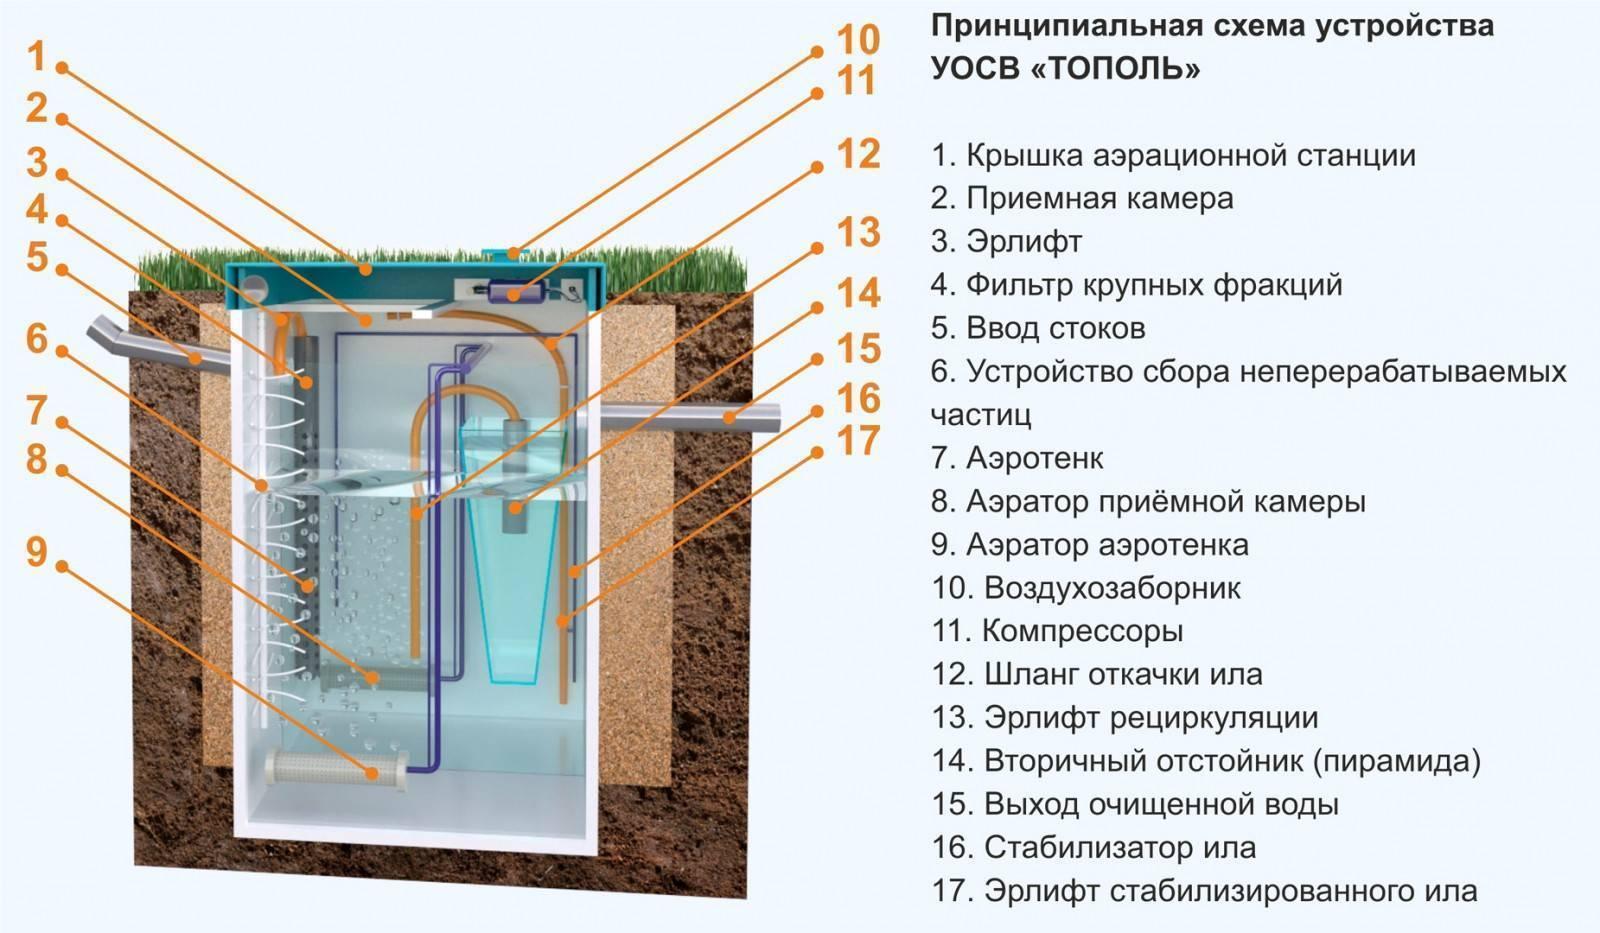 Мини септик для дачи - обзор популярных моделей